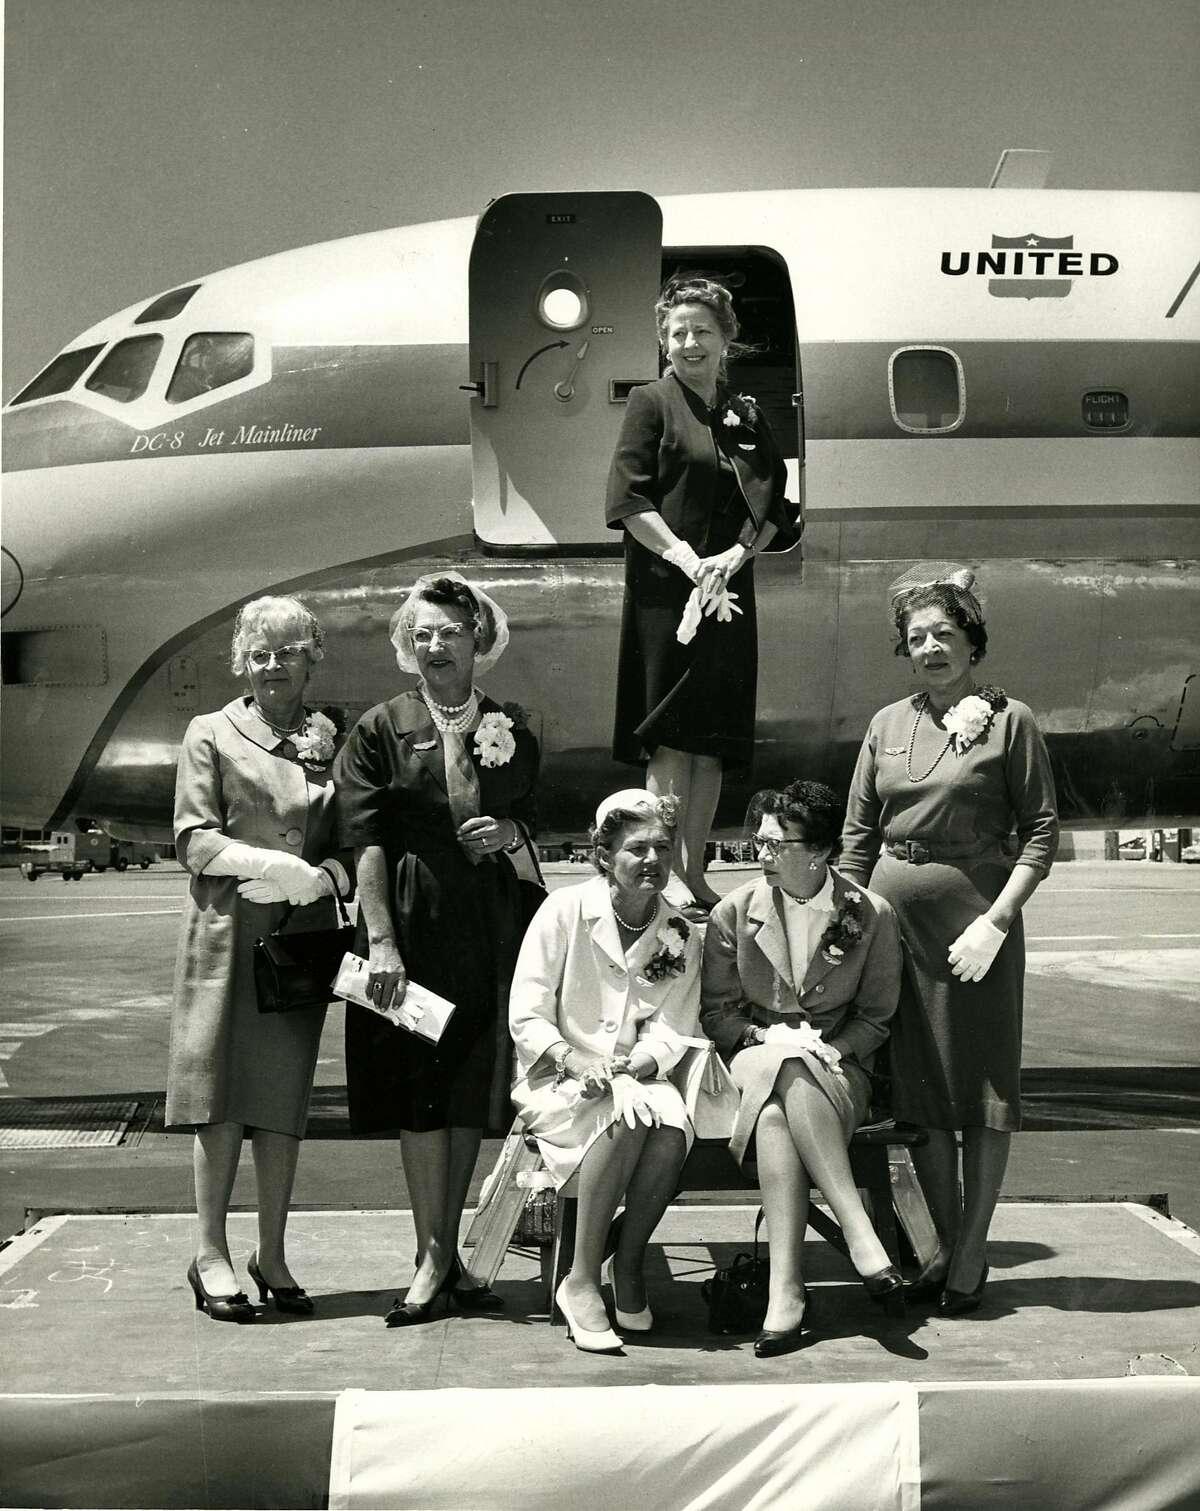 Original archive photo caption: